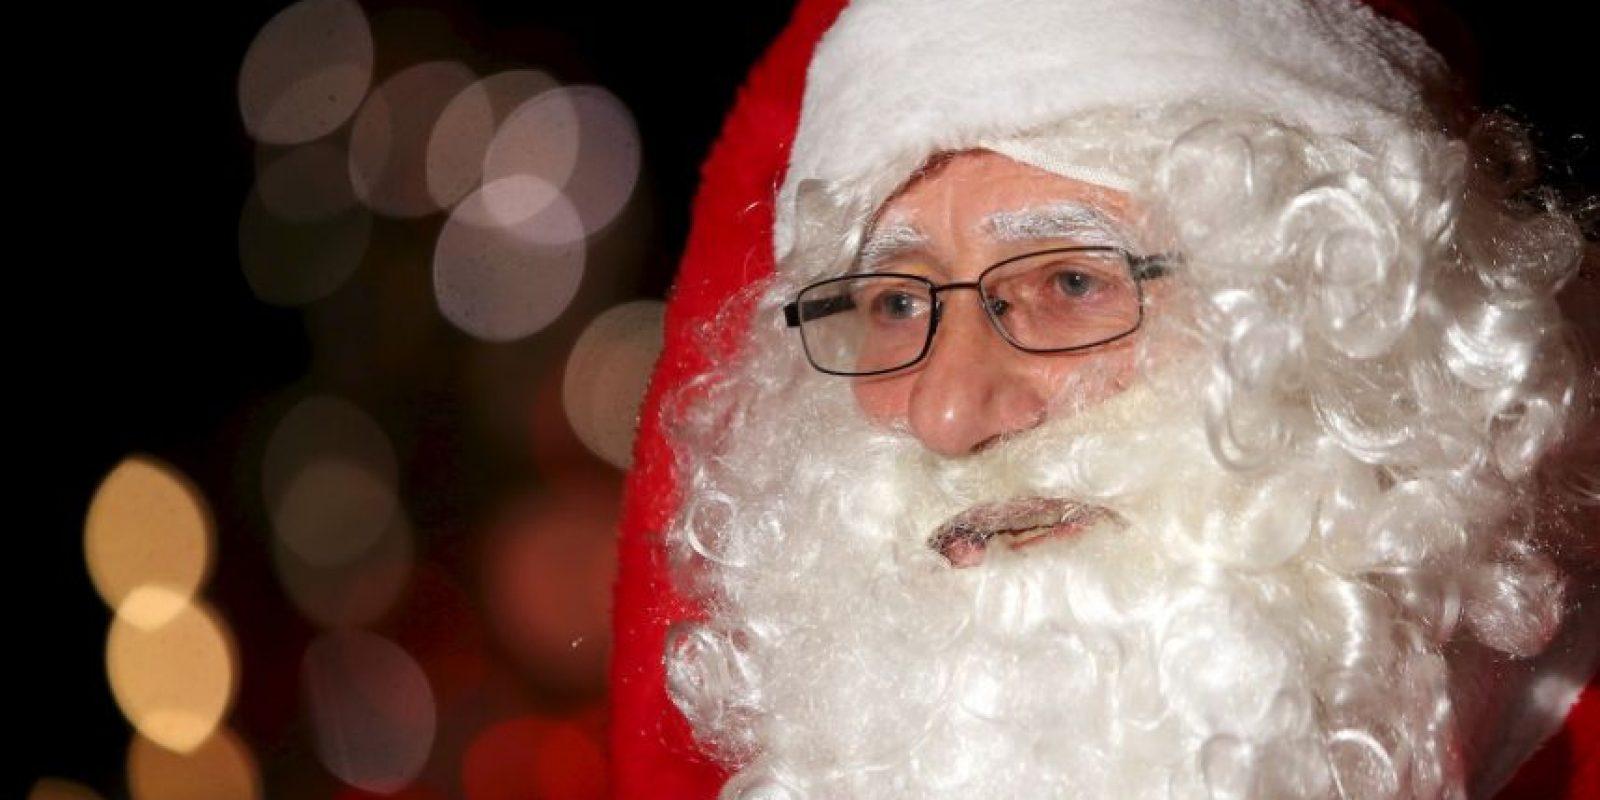 El disfraz de Santa le sirvió un hombre para lograr robar un helicóptero. Foto:Getty Images